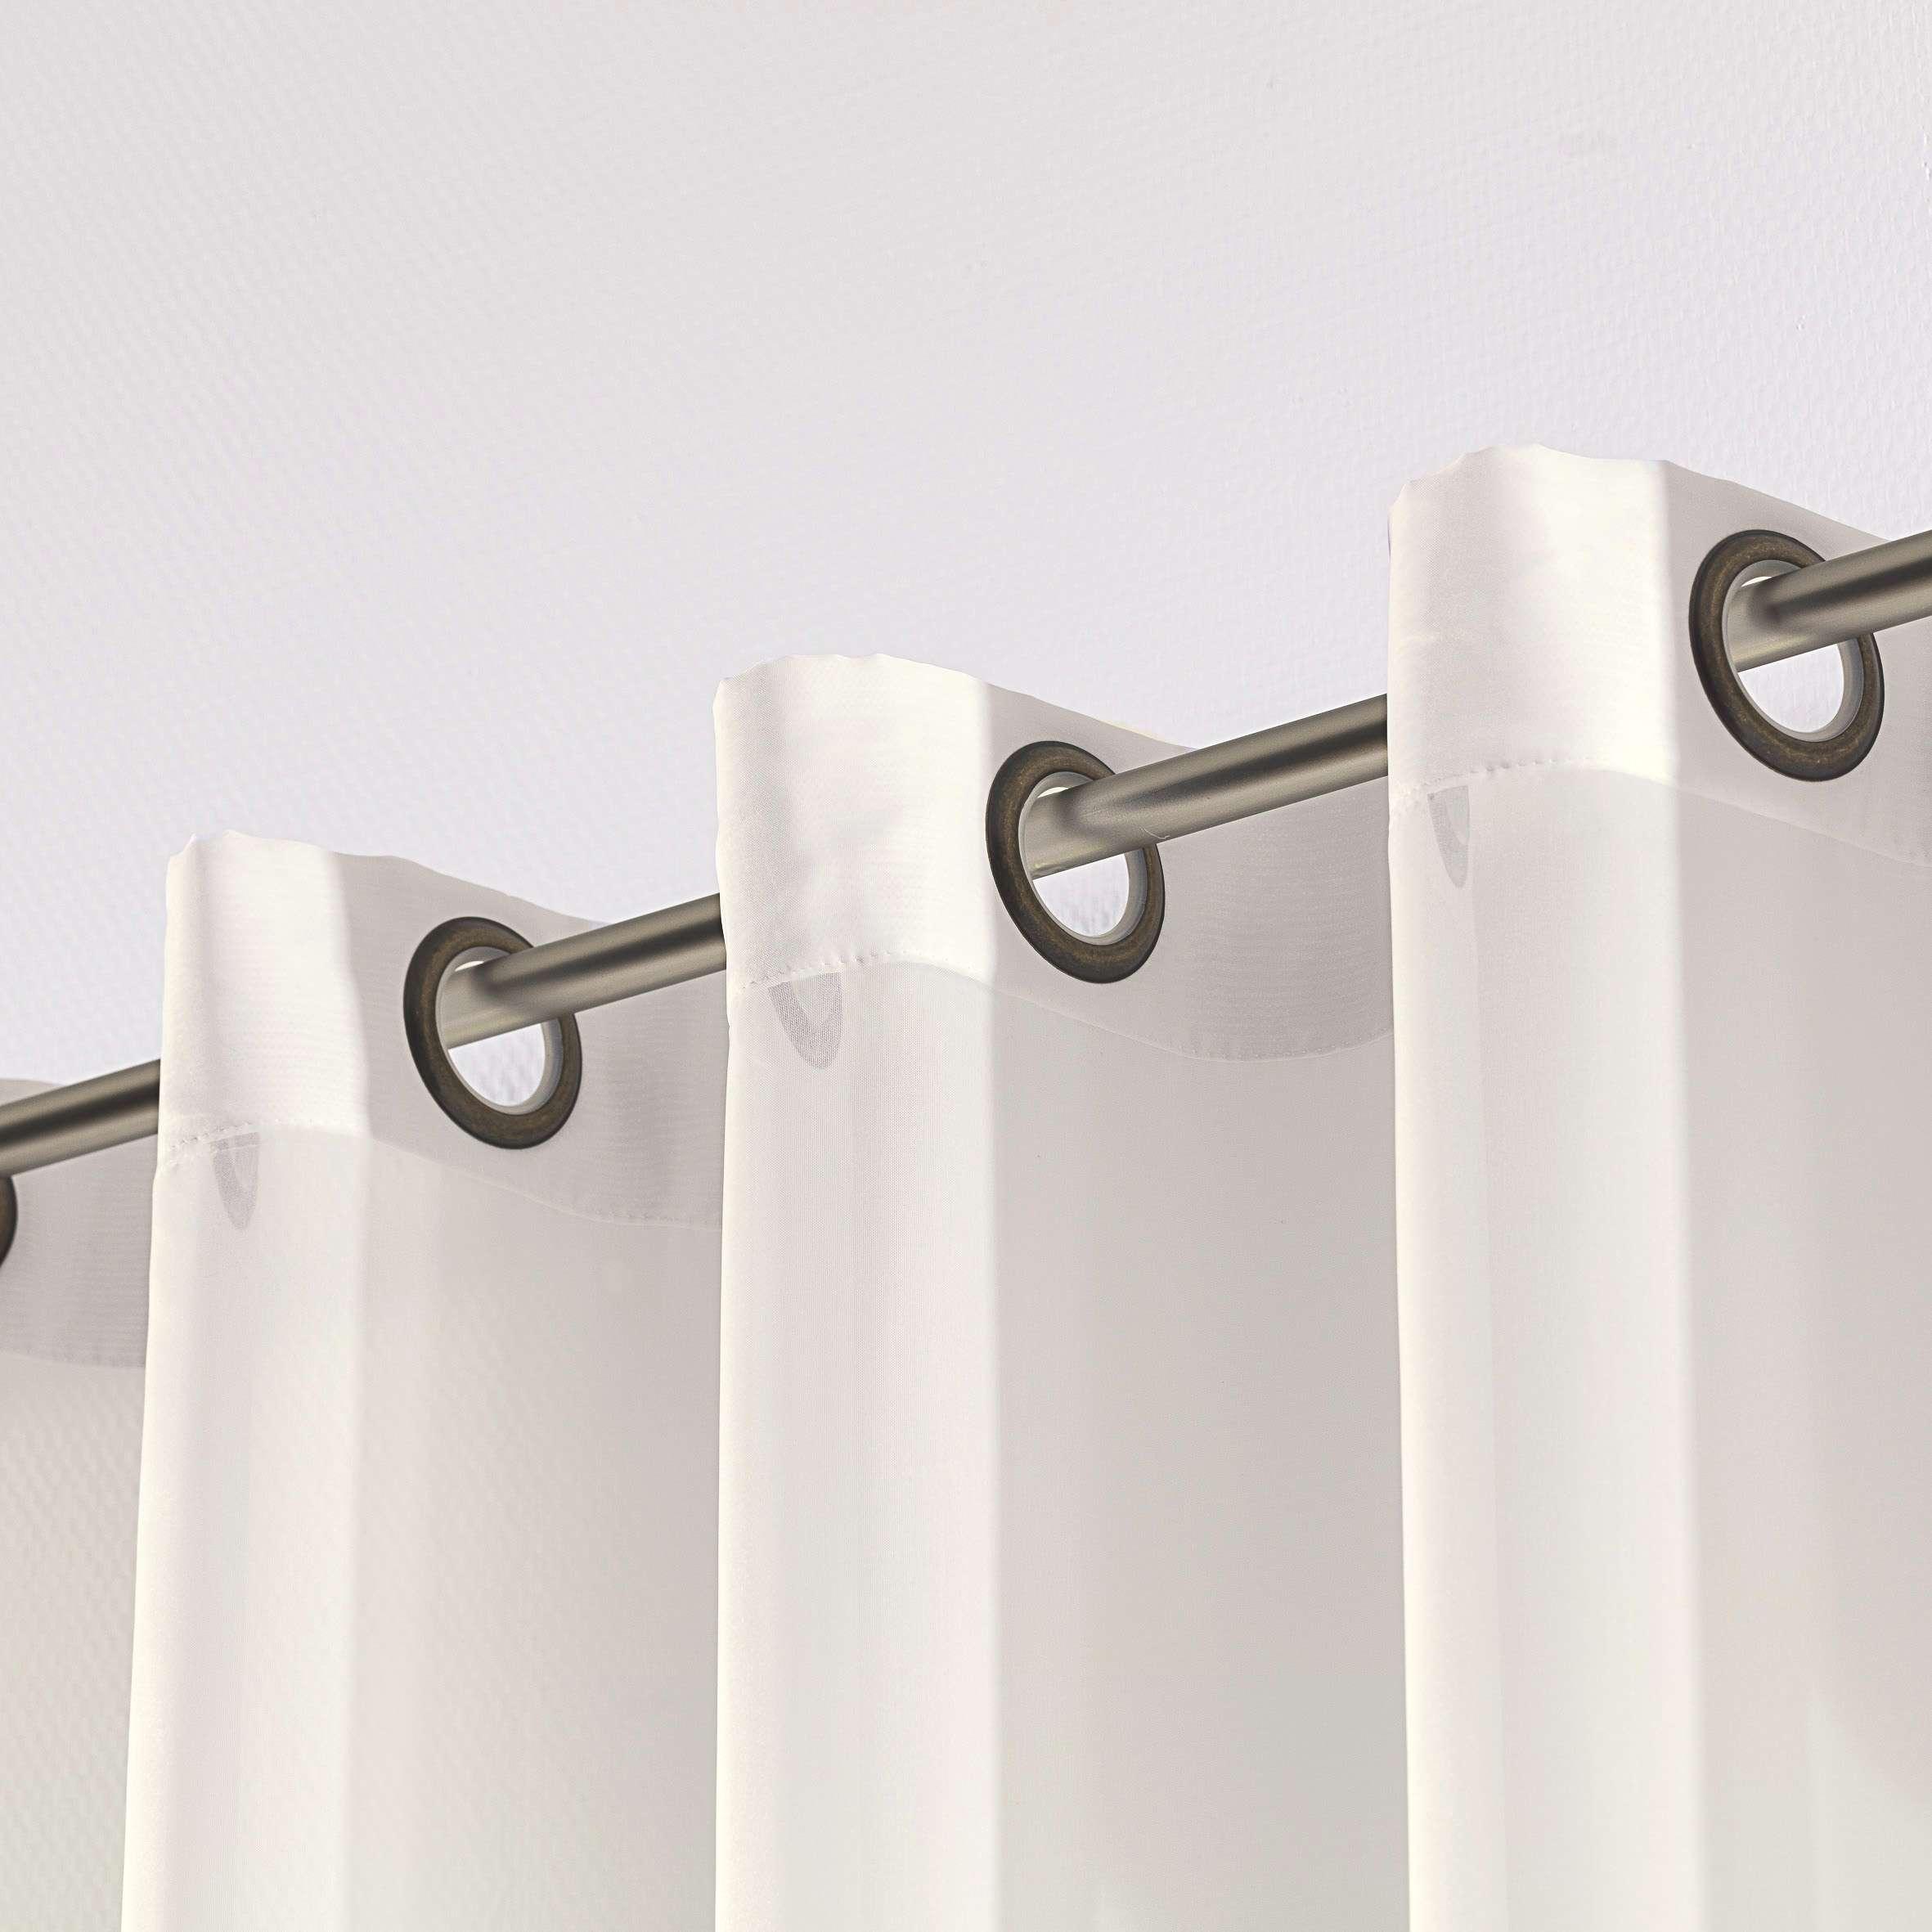 Záclona voálová jednoduchá na kroužcích na míru 300x260cm v kolekci Voile - Voál, látka: 900-01